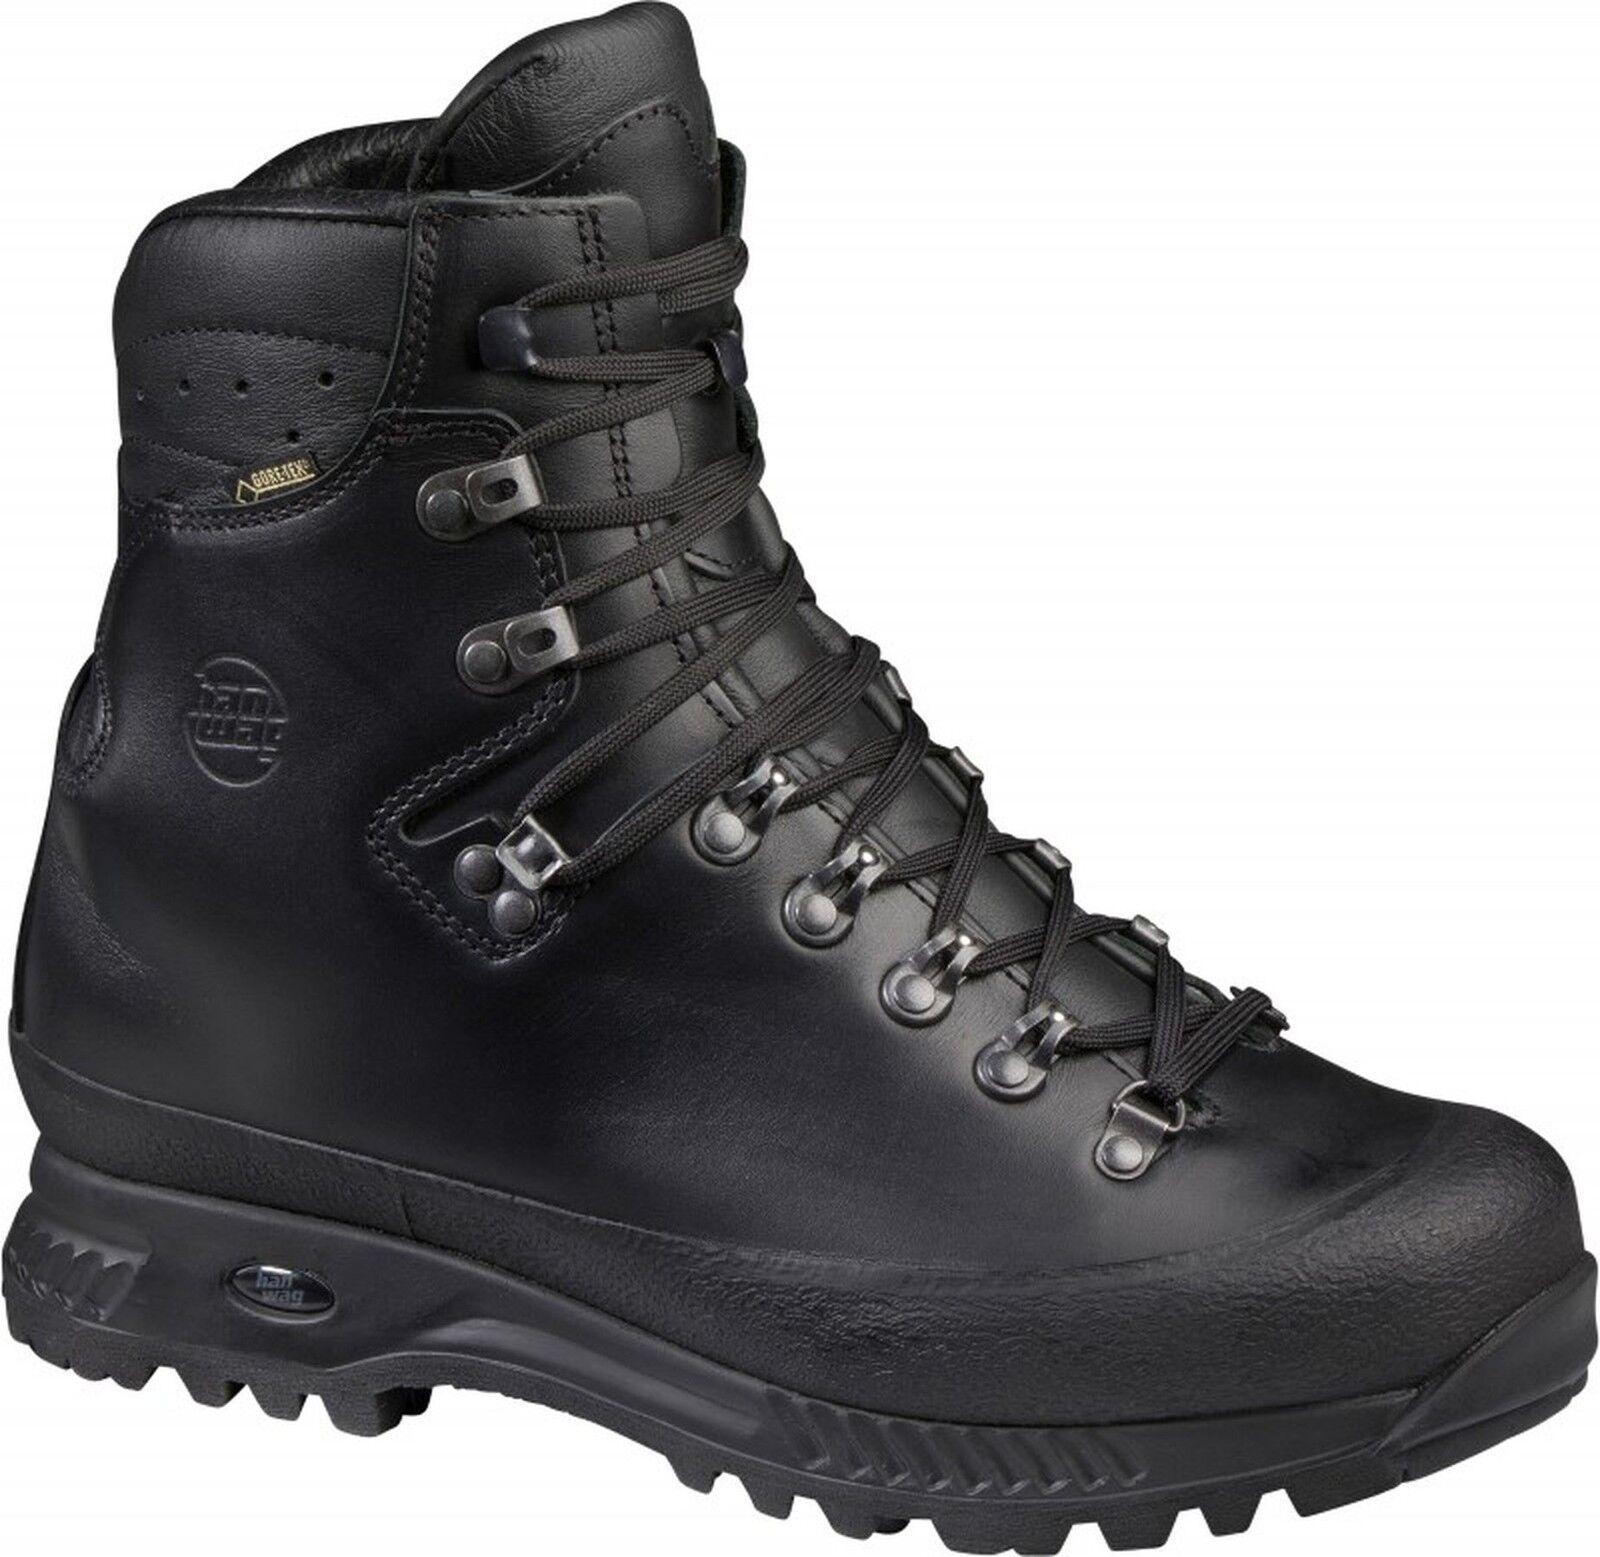 Hanwag Trekkingstiefel Alaska WIDE GTX breiter Leisten Gr. 7,5 -  41,5  black  online shopping sports